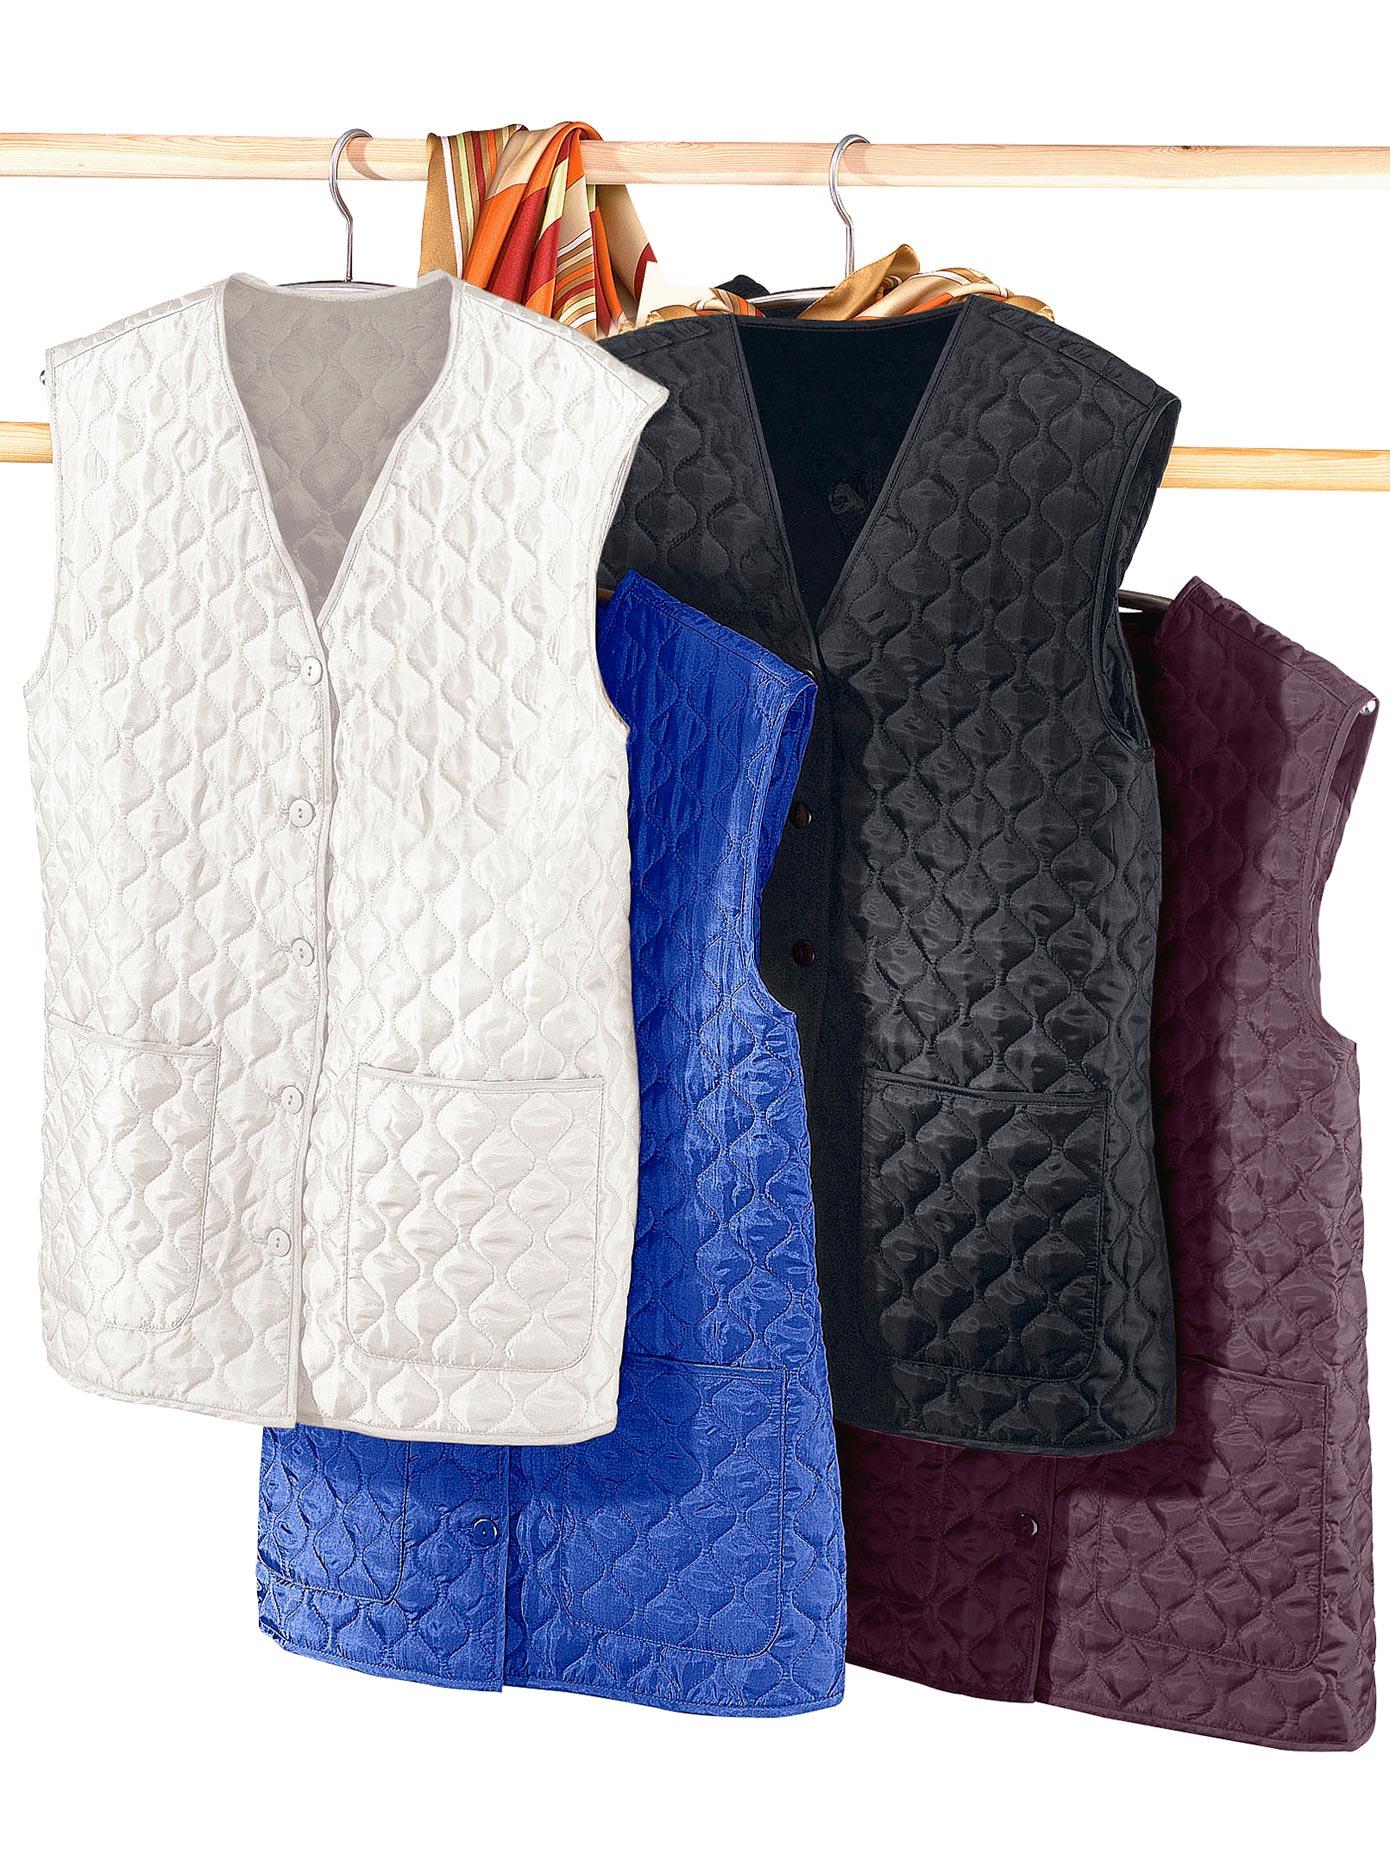 Classic Basics Steppweste mit farblich abgestimmten Knöpfen   Bekleidung > Westen > Daunenwesten & Steppwesten   Classic Basics